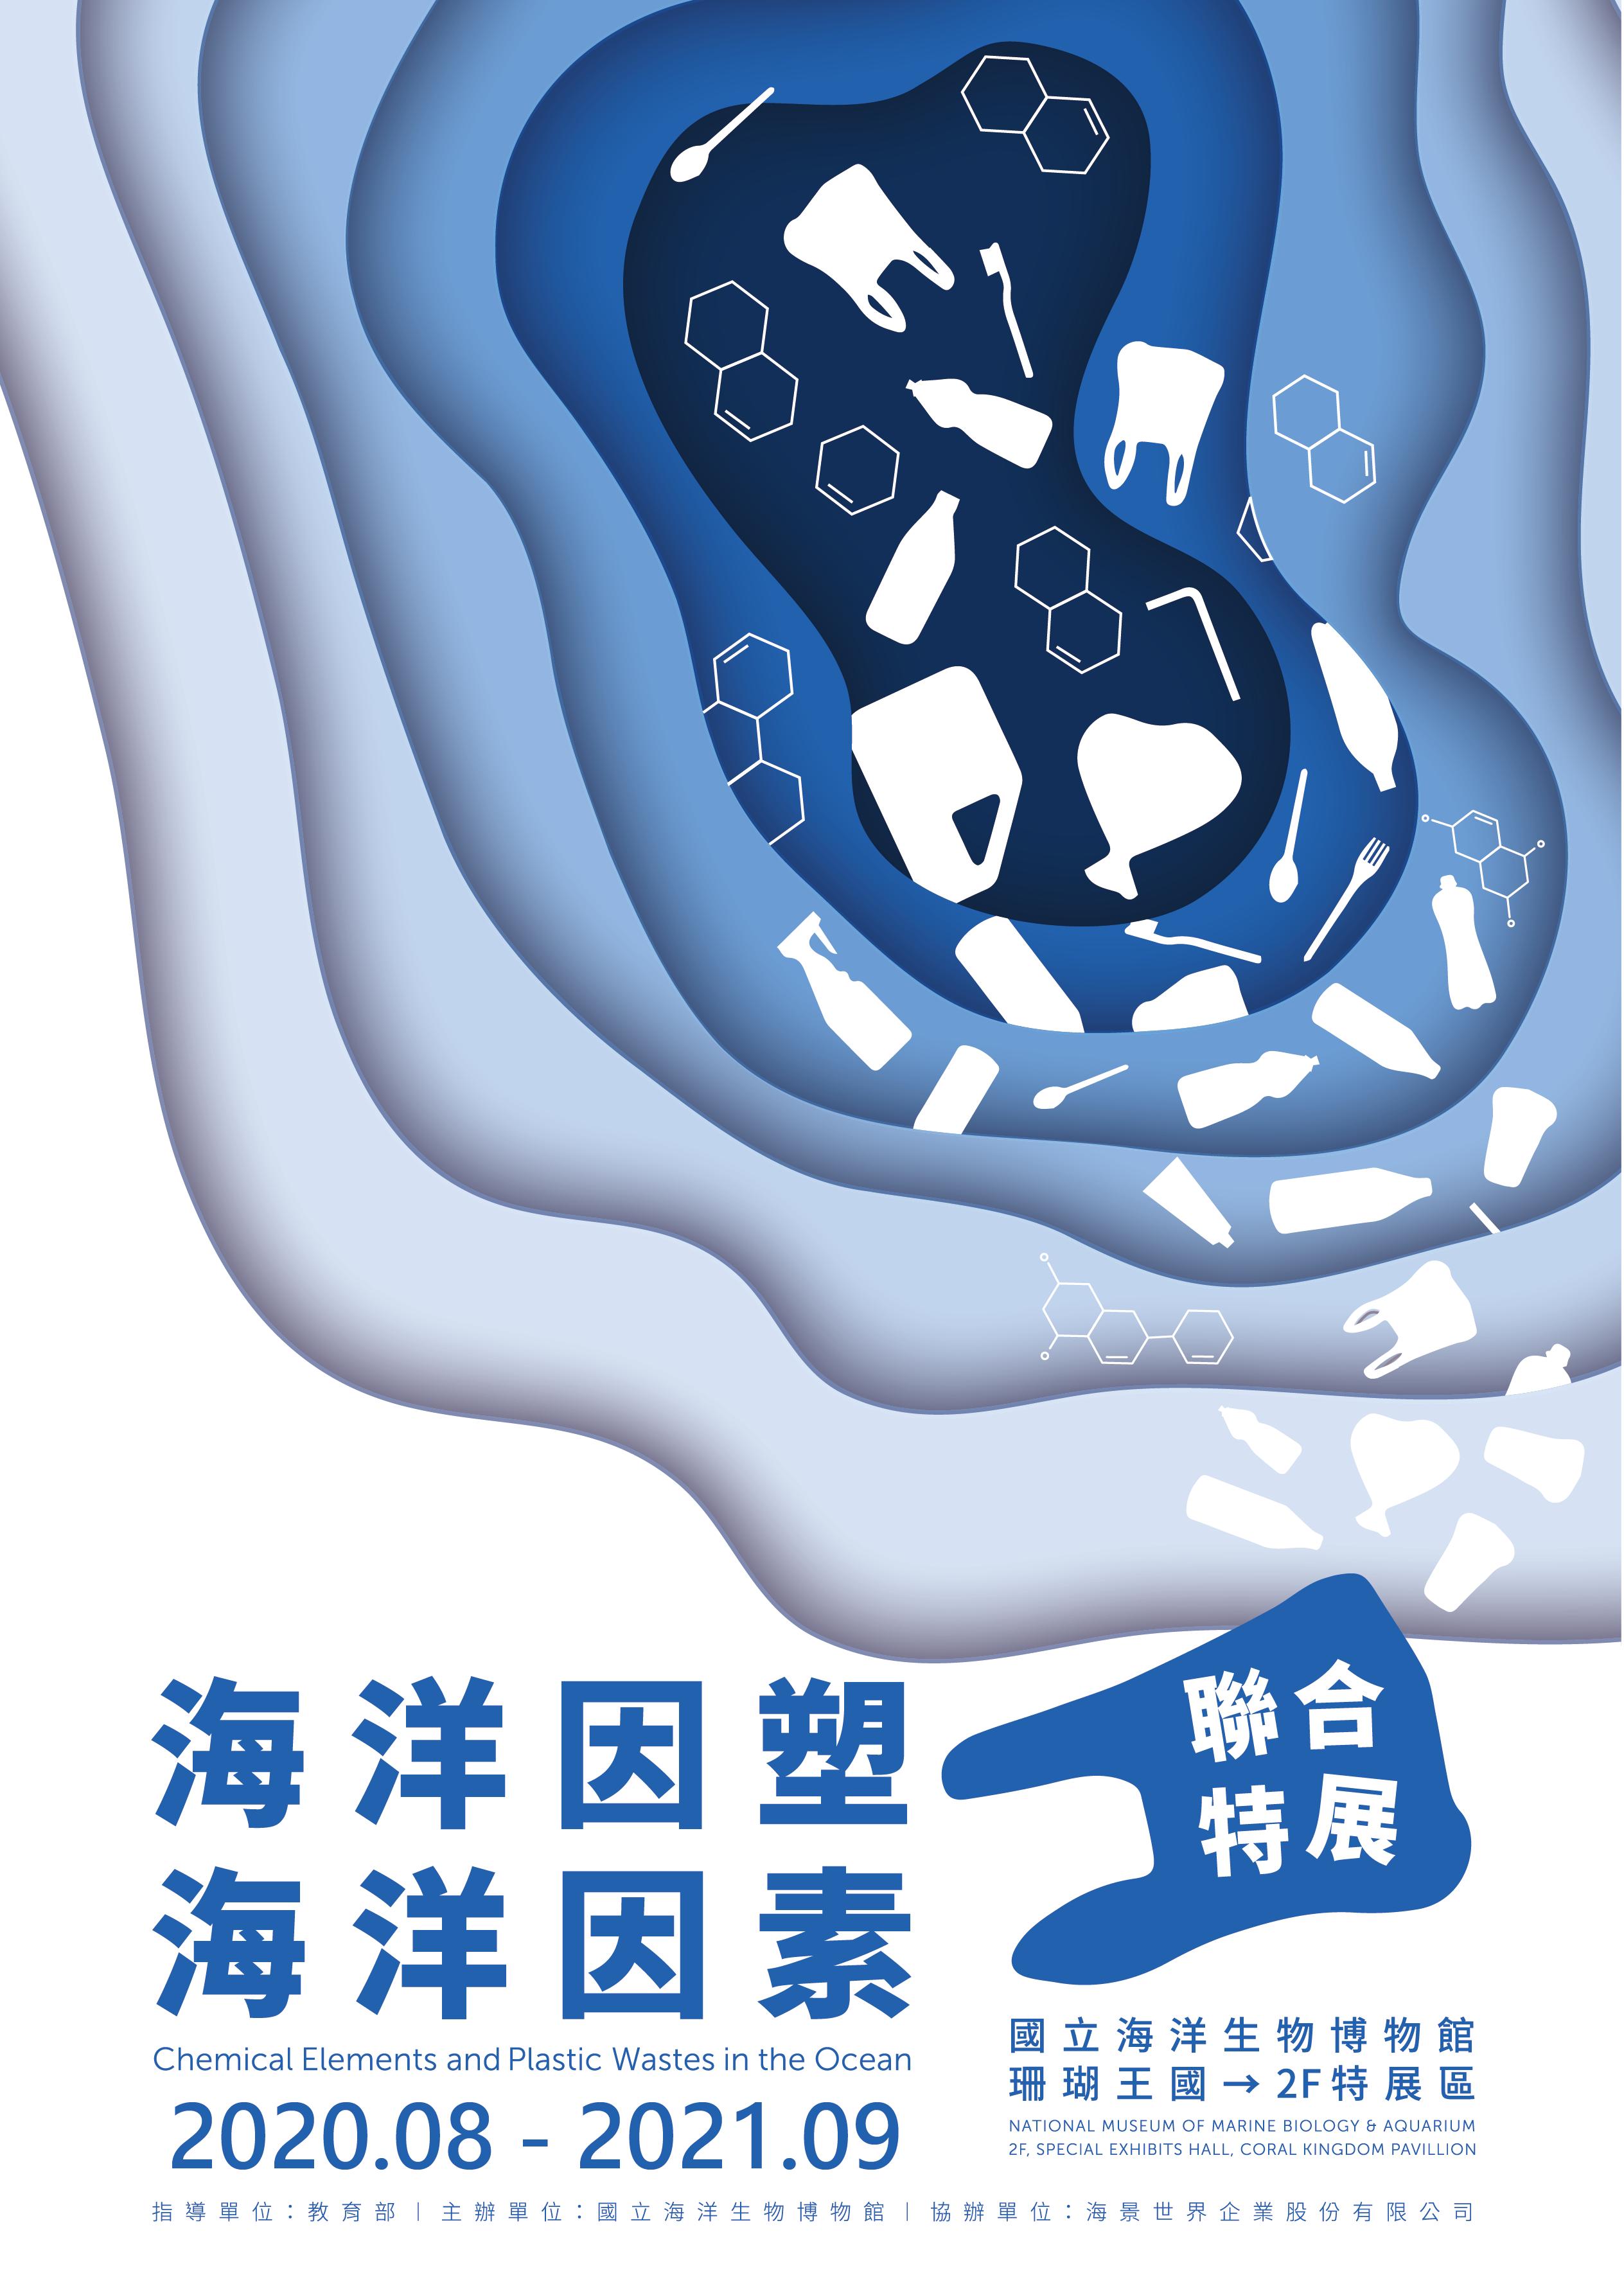 海洋因塑(素)聯合展